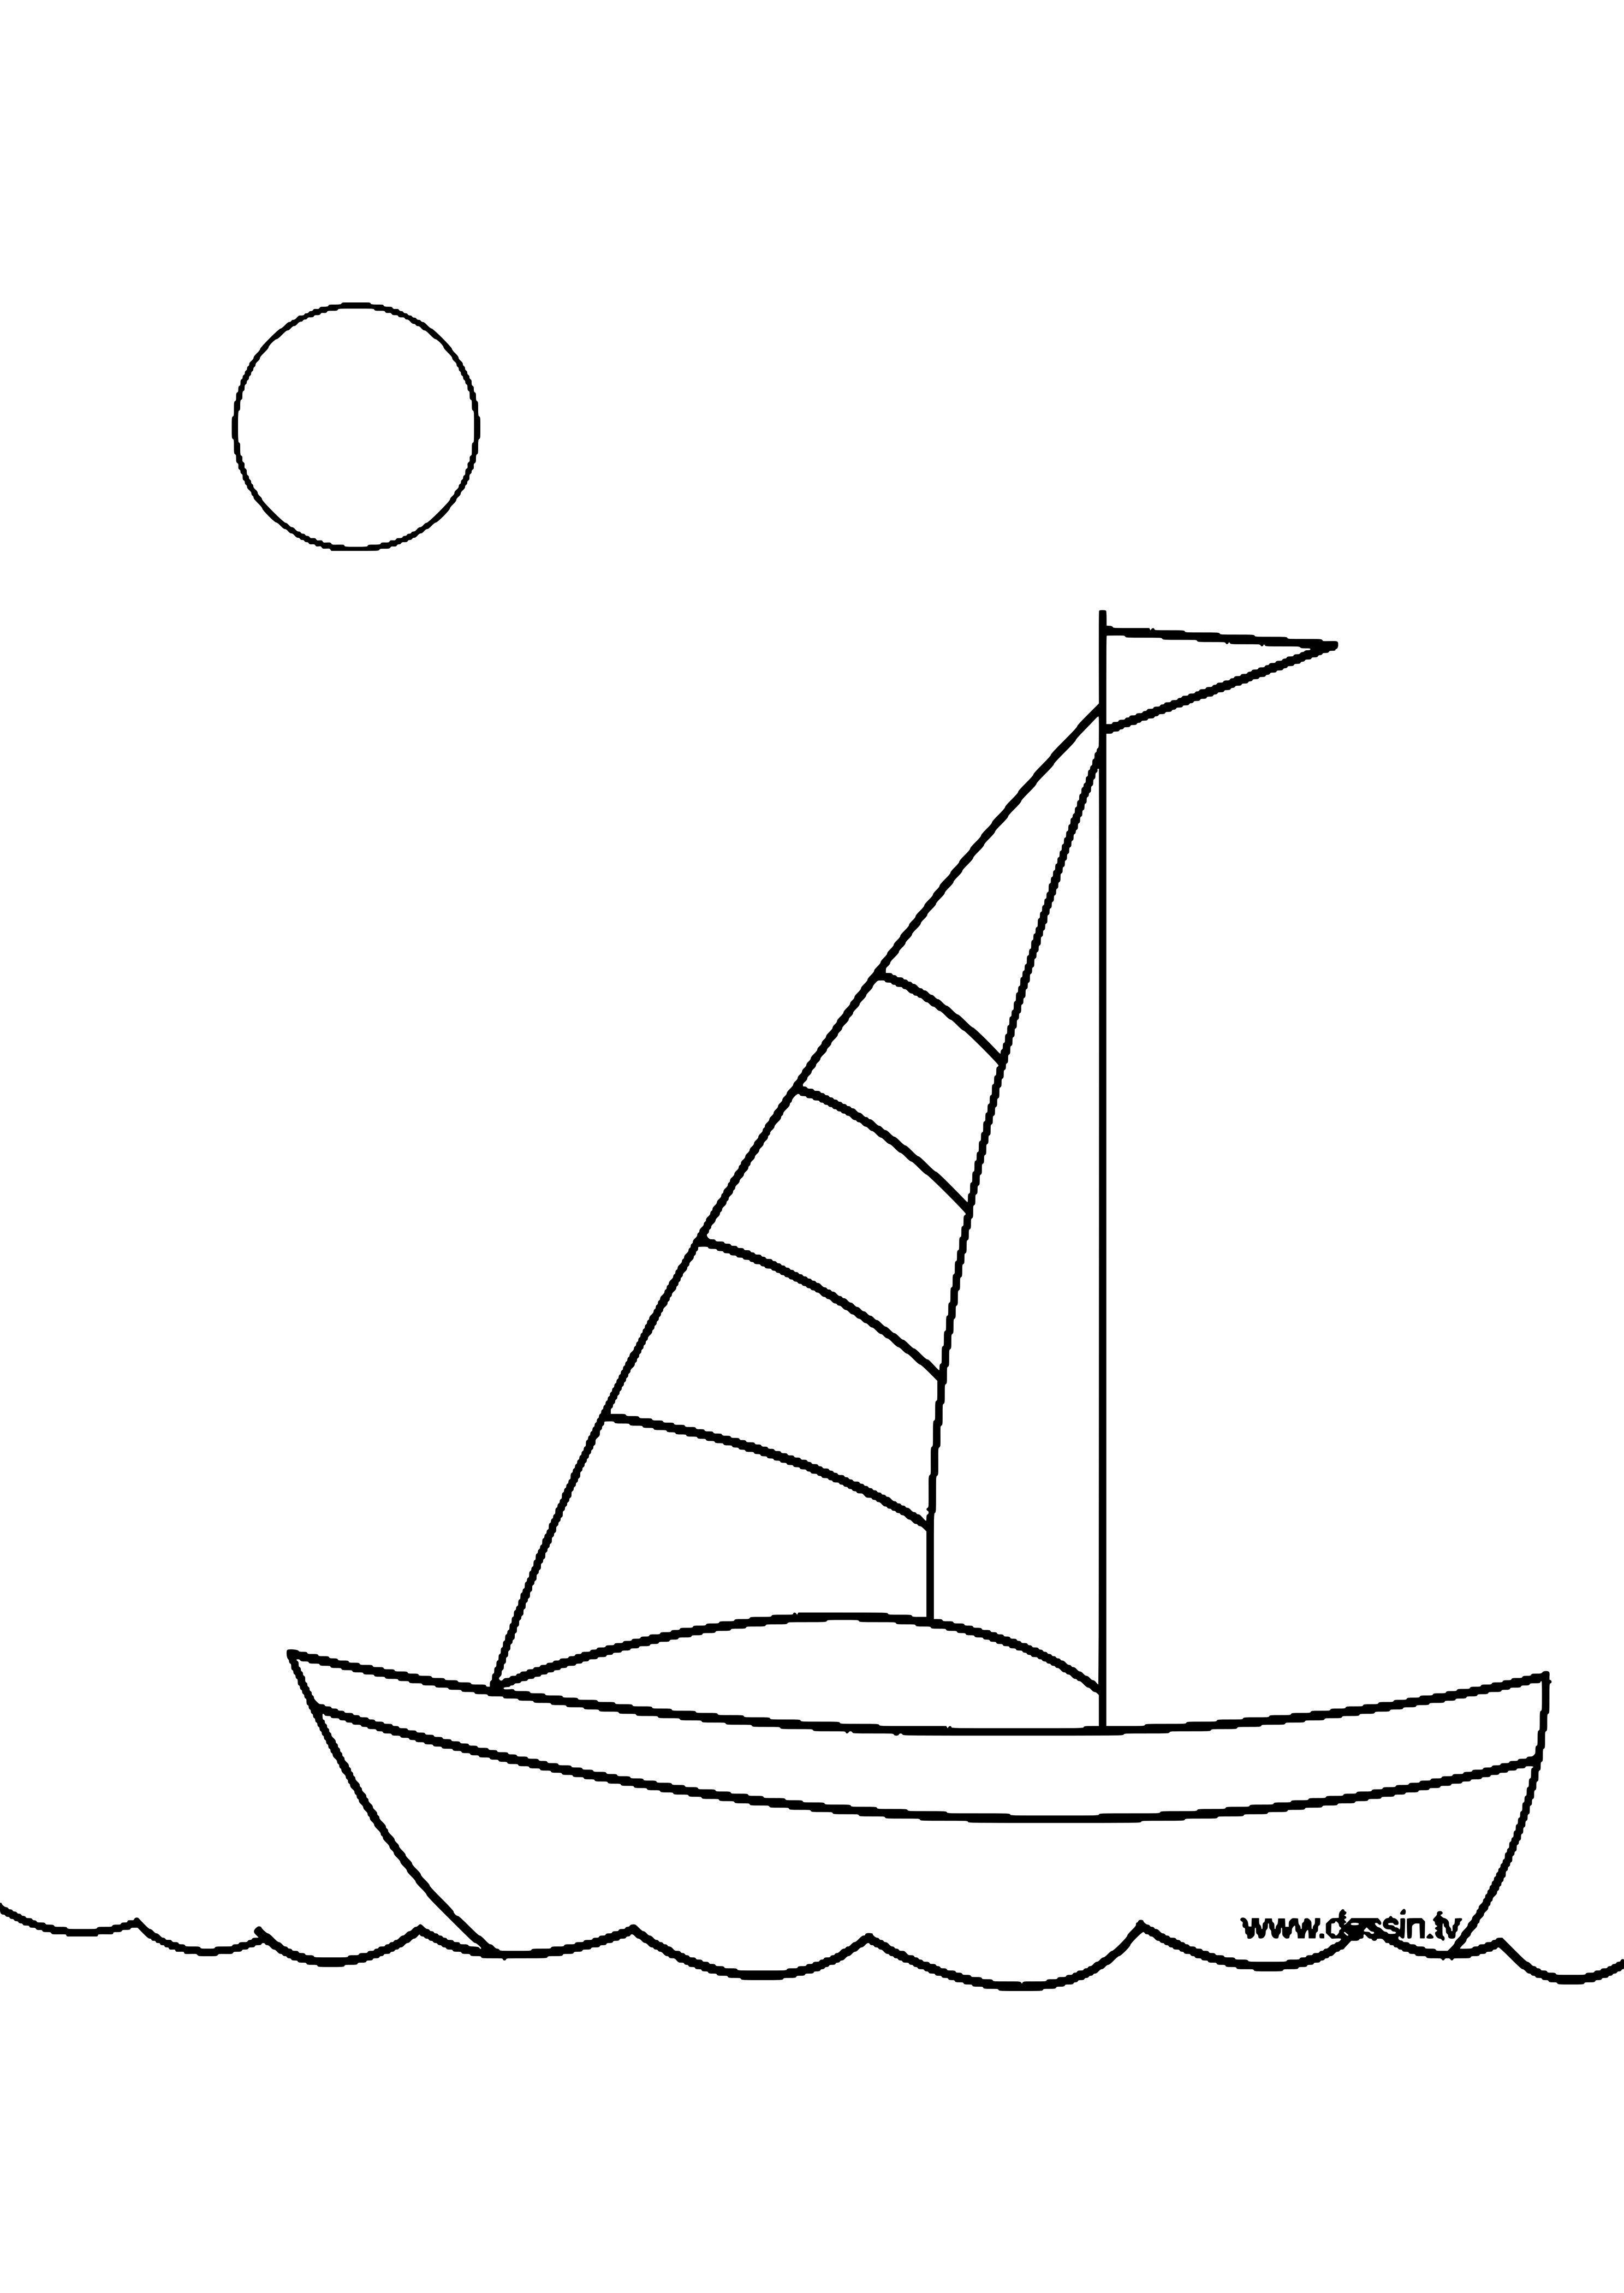 Neu Ausmalbilder Schiff Farbung Malvorlagen Malvorlagenfurkinder Ausmalbilder Ausmalbilder Kinder Ausmalen